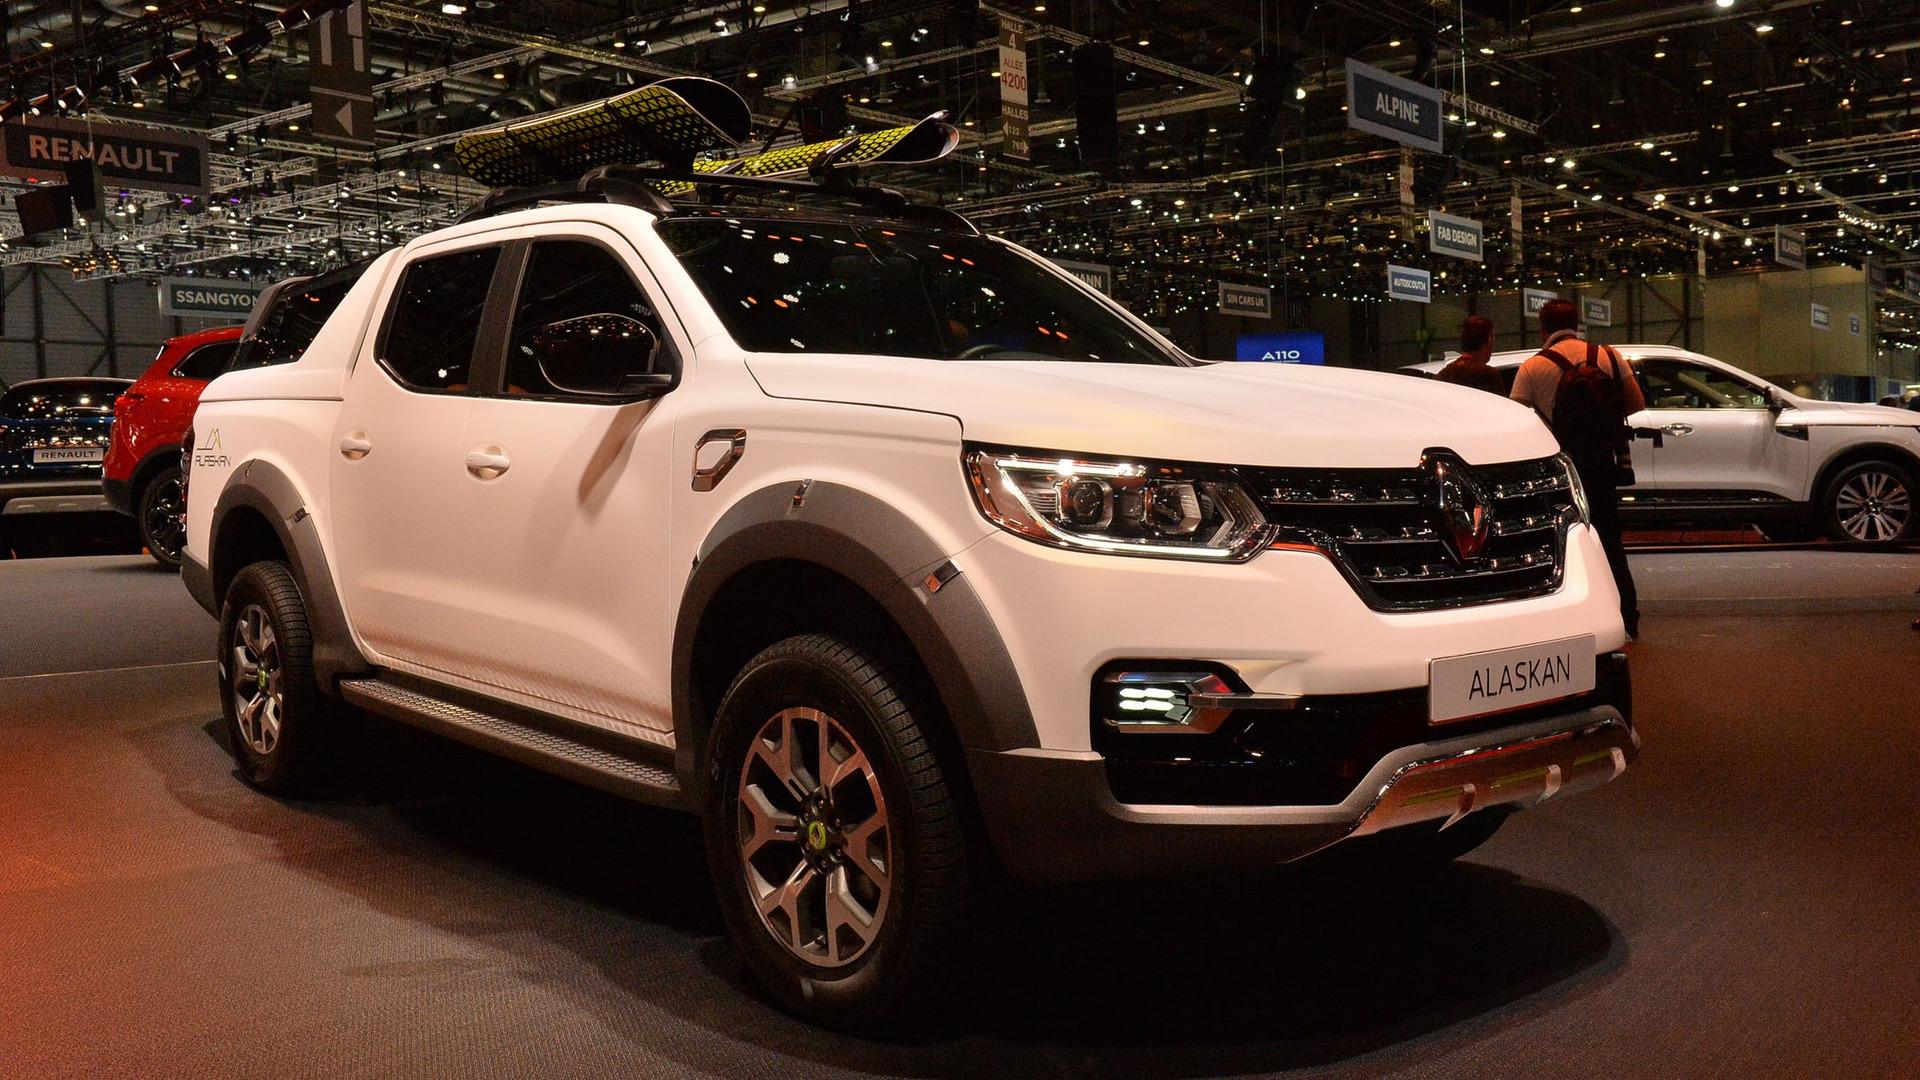 Renault Alaskan Pickup Goes On Sale In Europe This September